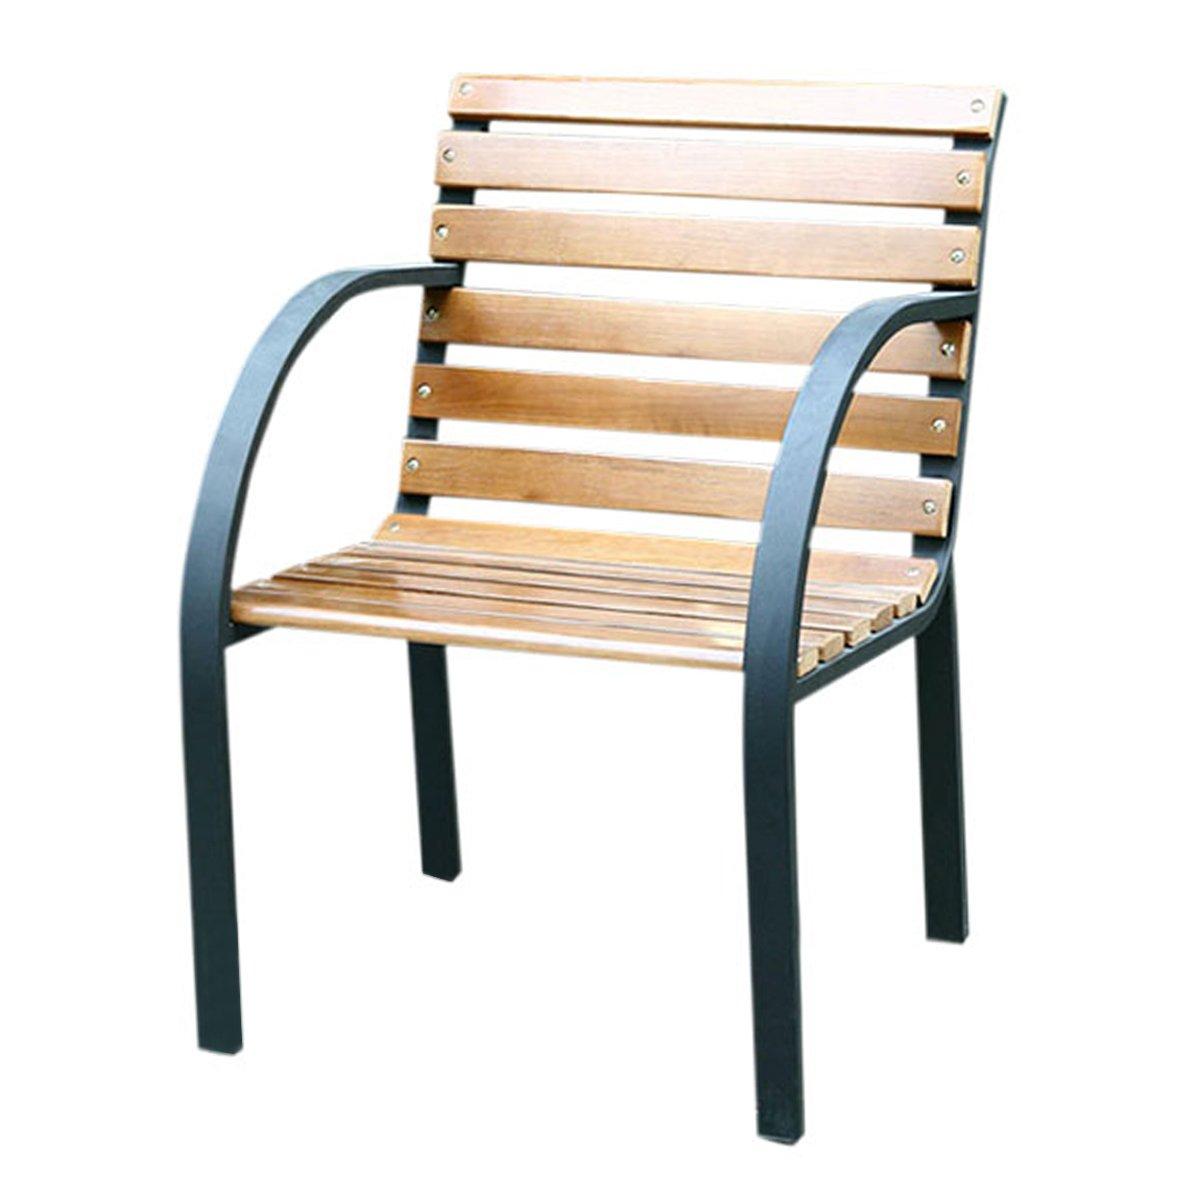 Silla de jard n granada en madera de teca silla de for Sillas de terraza y jardin